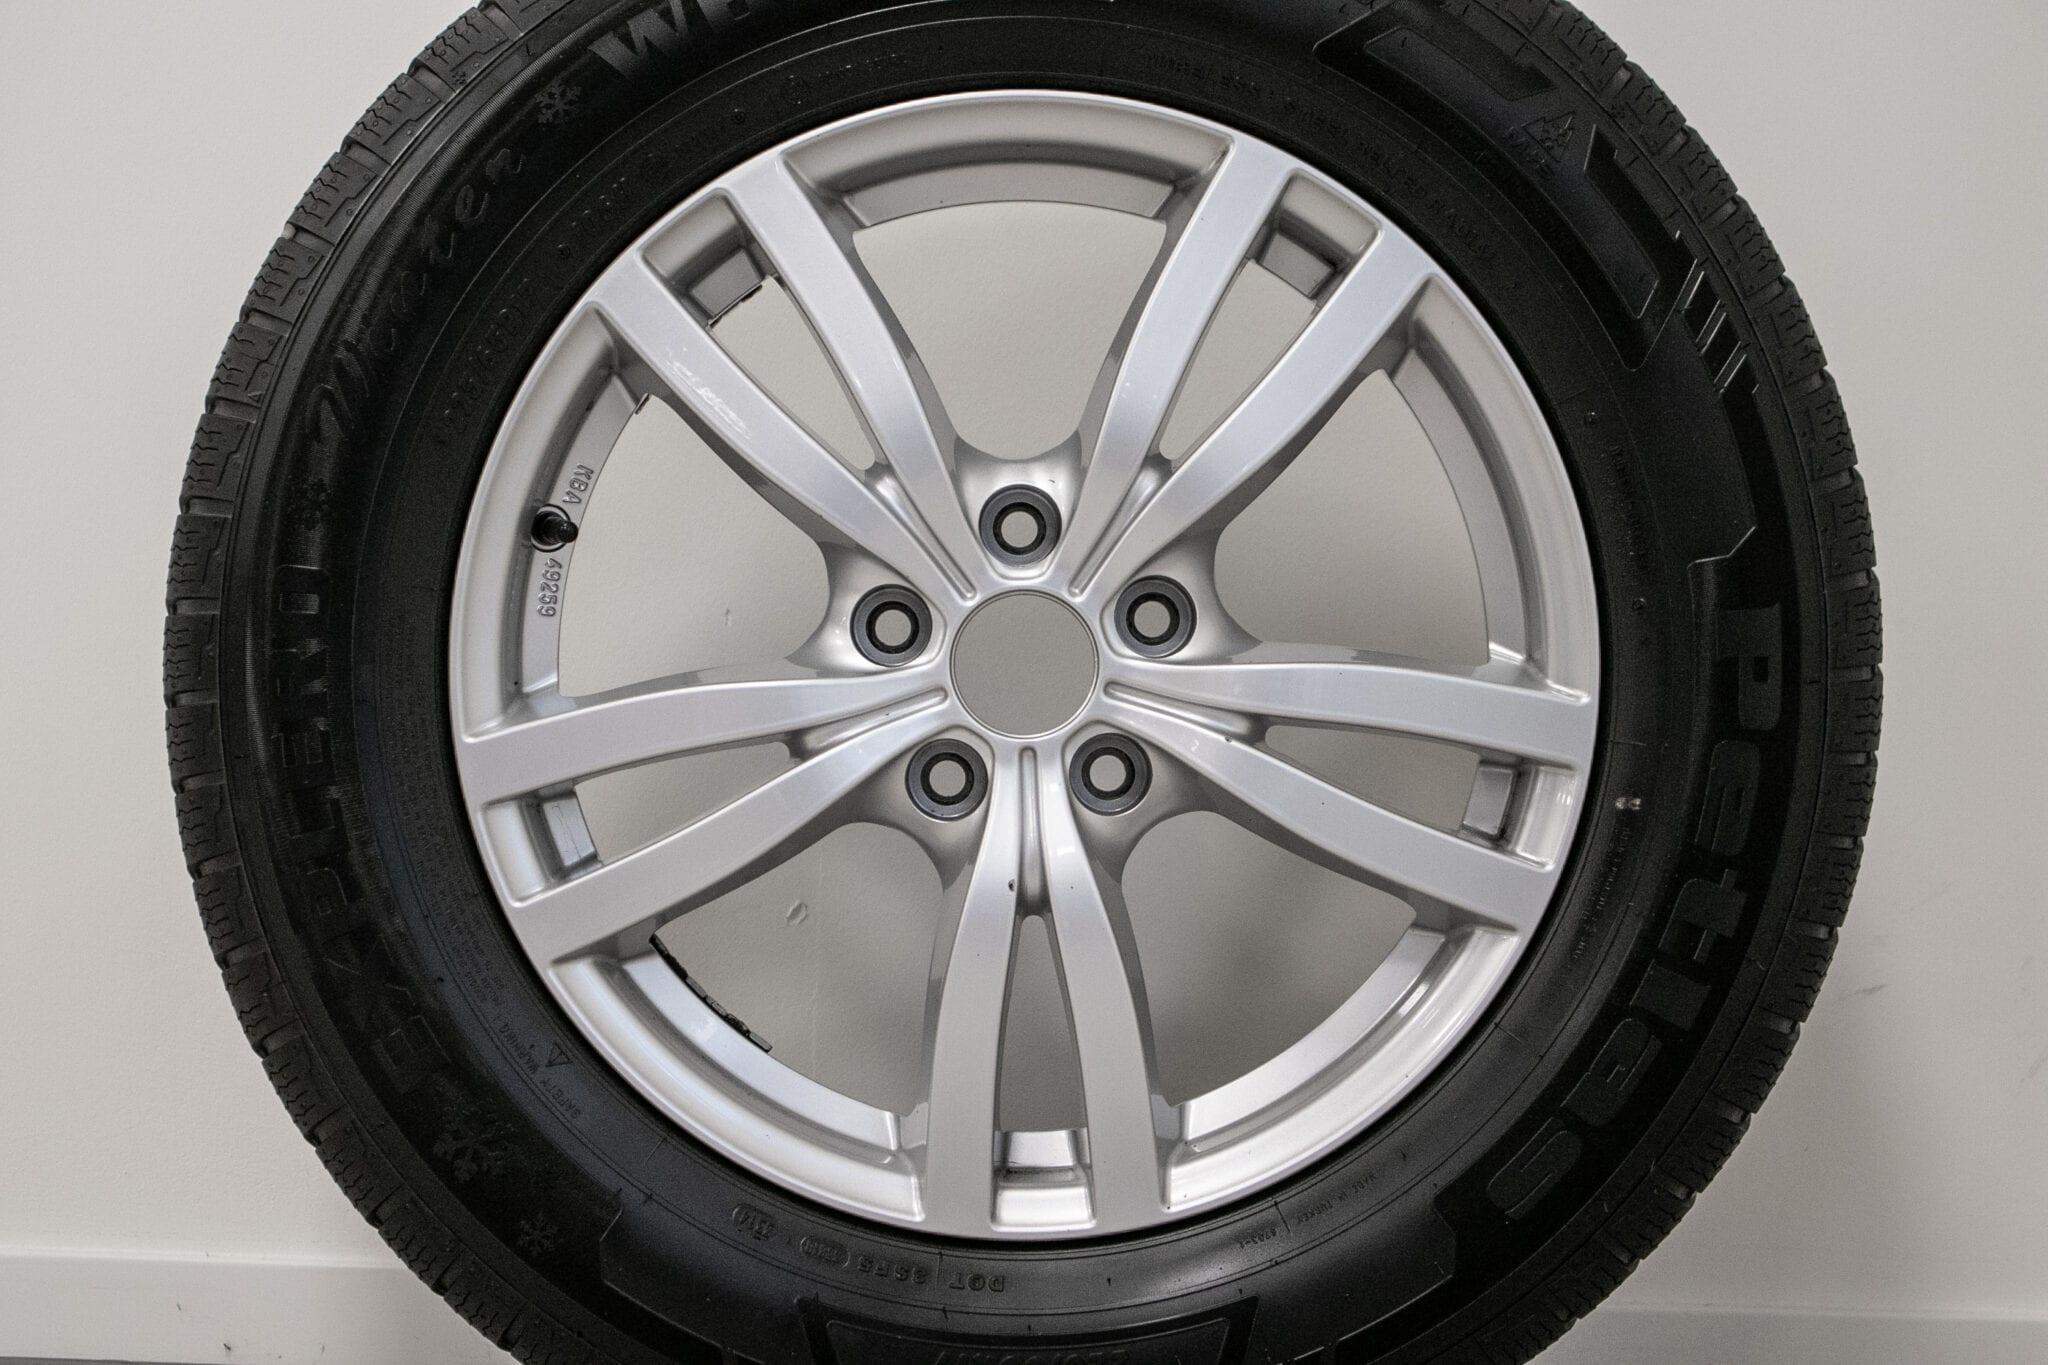 """17"""" Winterwielen voor de Honda CR-V ('07-'17) € N.O.T.K. Gebruikt. Profieldiepte: 3.5mm - 5.5mm"""